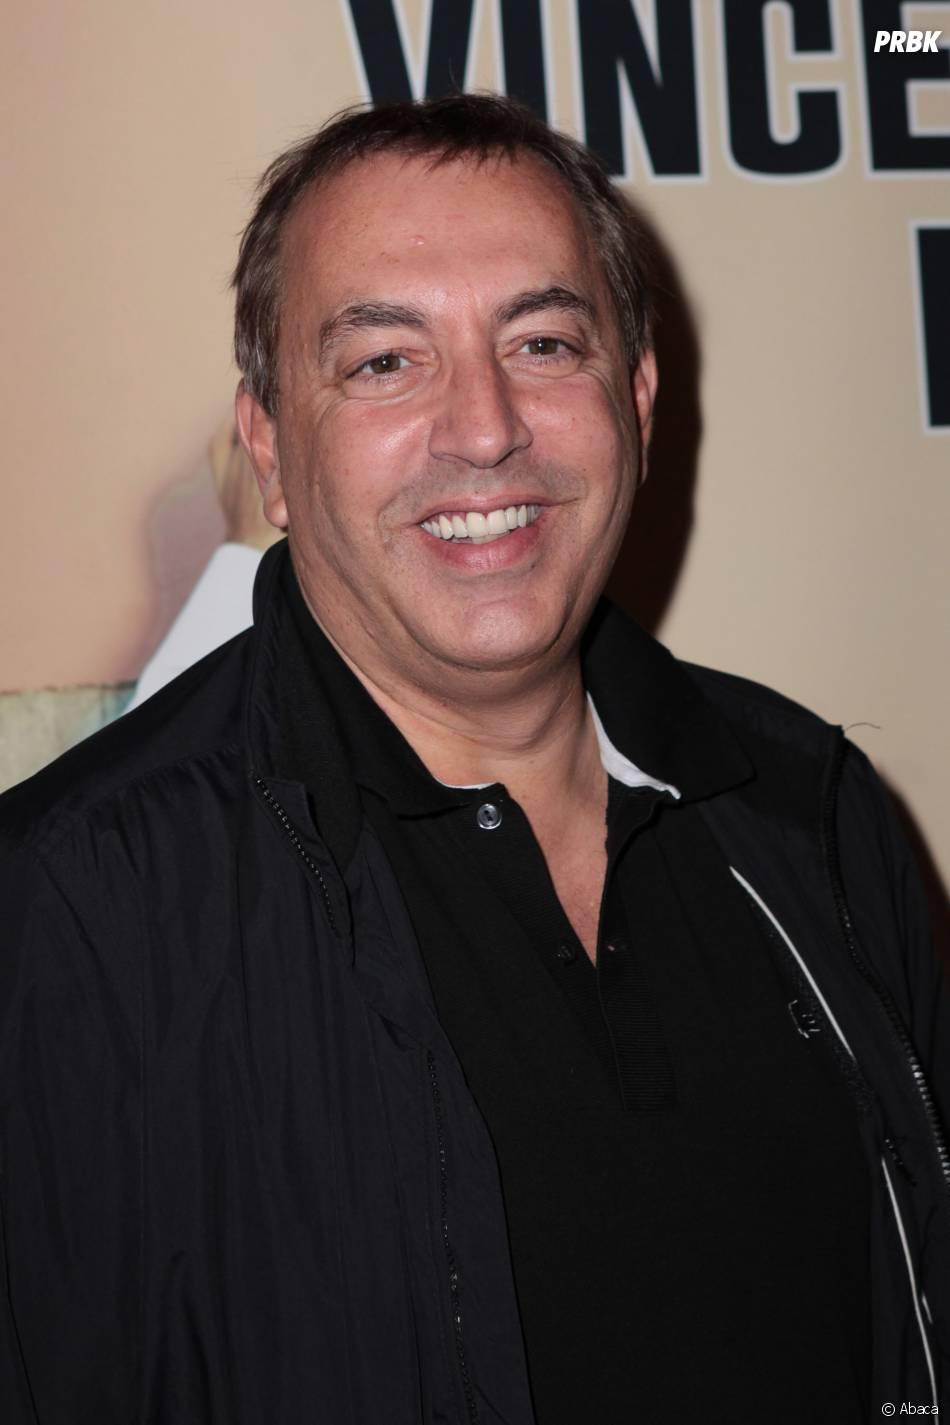 Jean-Marc Morandini dans le top 5 des animateurs les plus présents en prime en 2013-2014 selon Puremédias